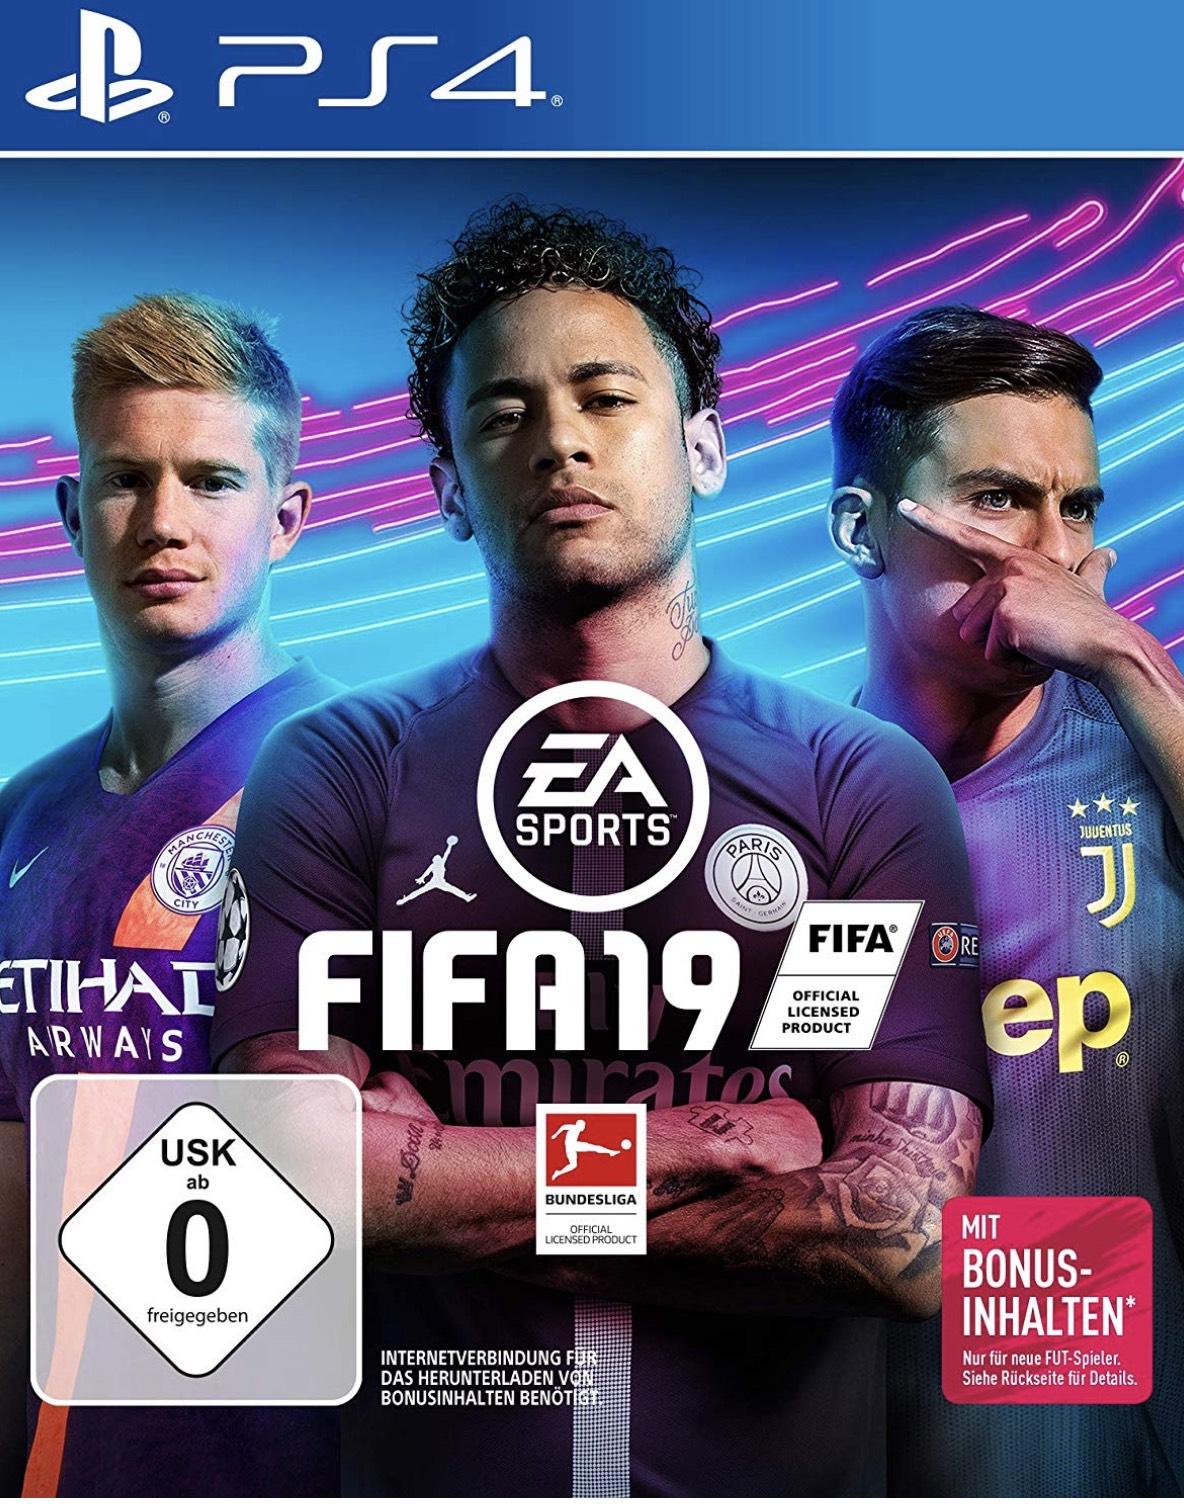 Fifa 19 für PlayStation 4 und Xbox One